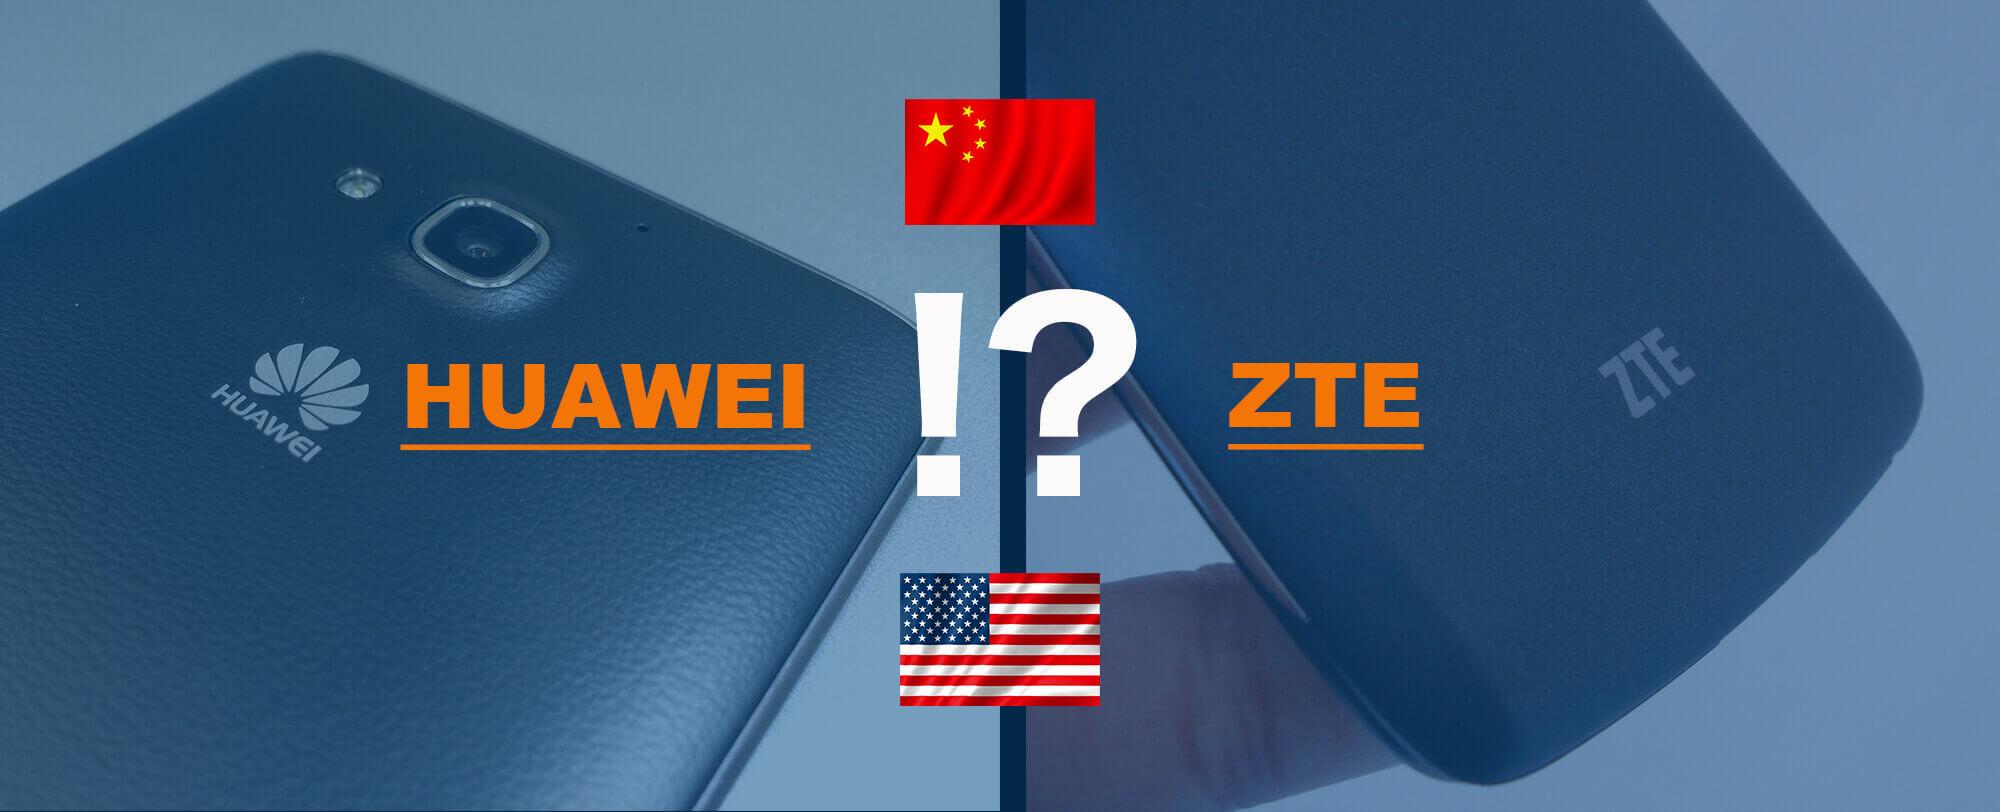 ファーウェイ(HUAWEI)問題【2020年最新版】 | ZTE問題と併せて日本への影響を解説